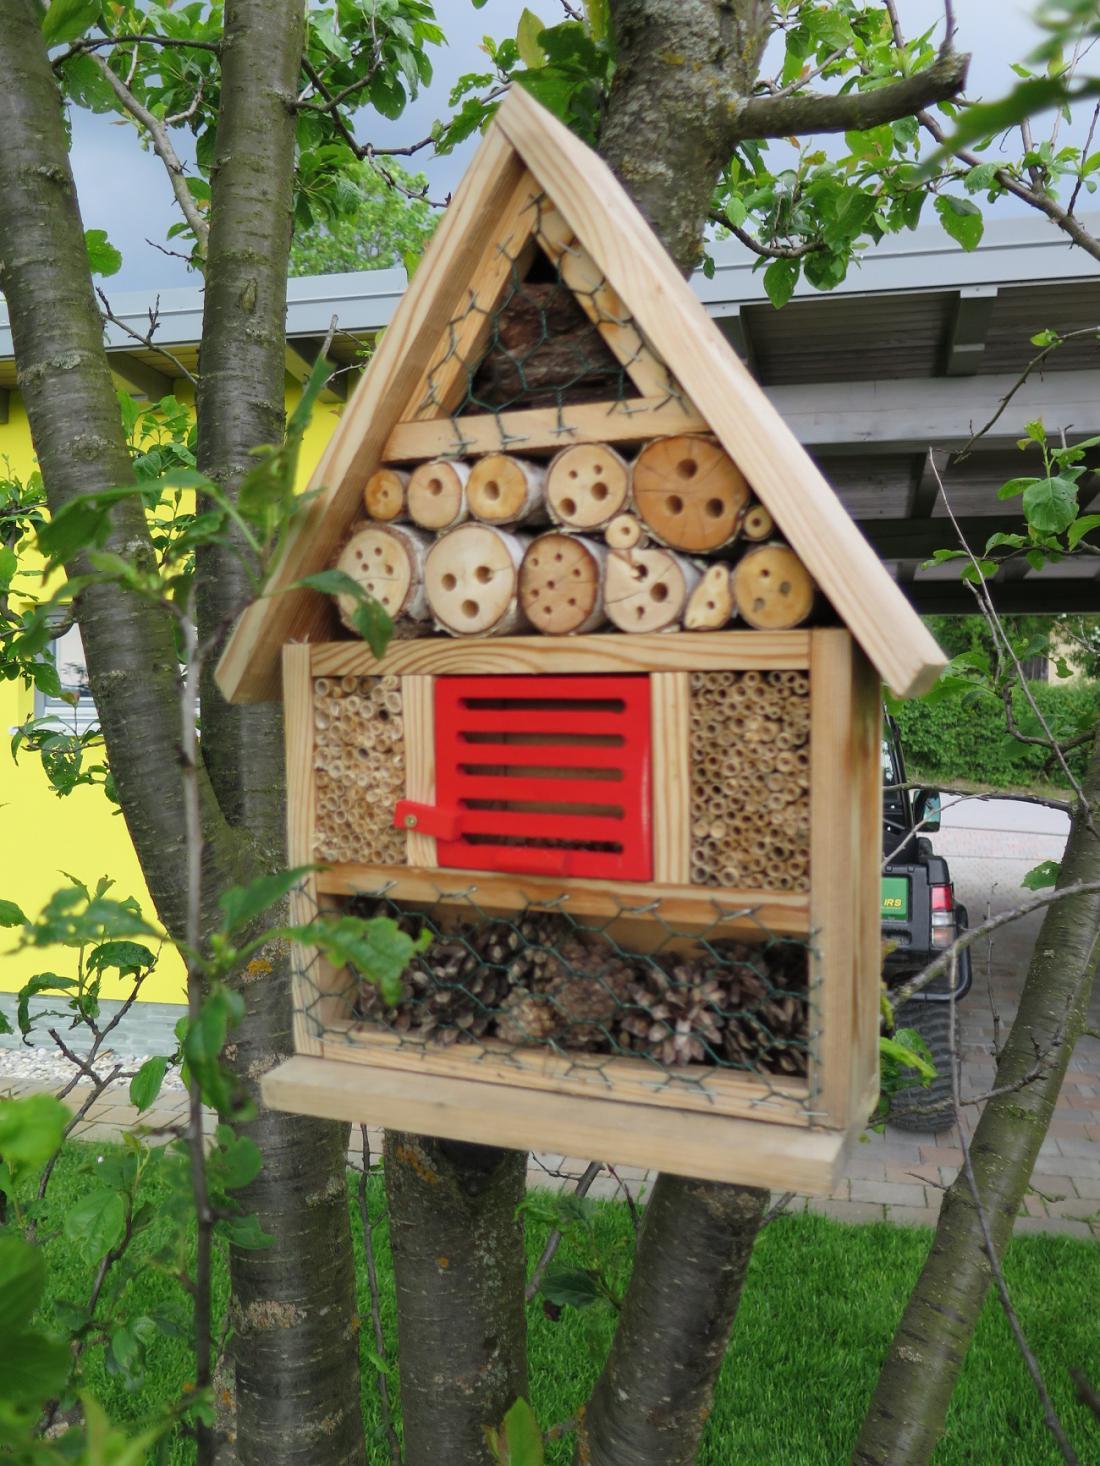 Hotel za žuželke je dobra rešitev, da nam žuželke ne gredo na hišo.